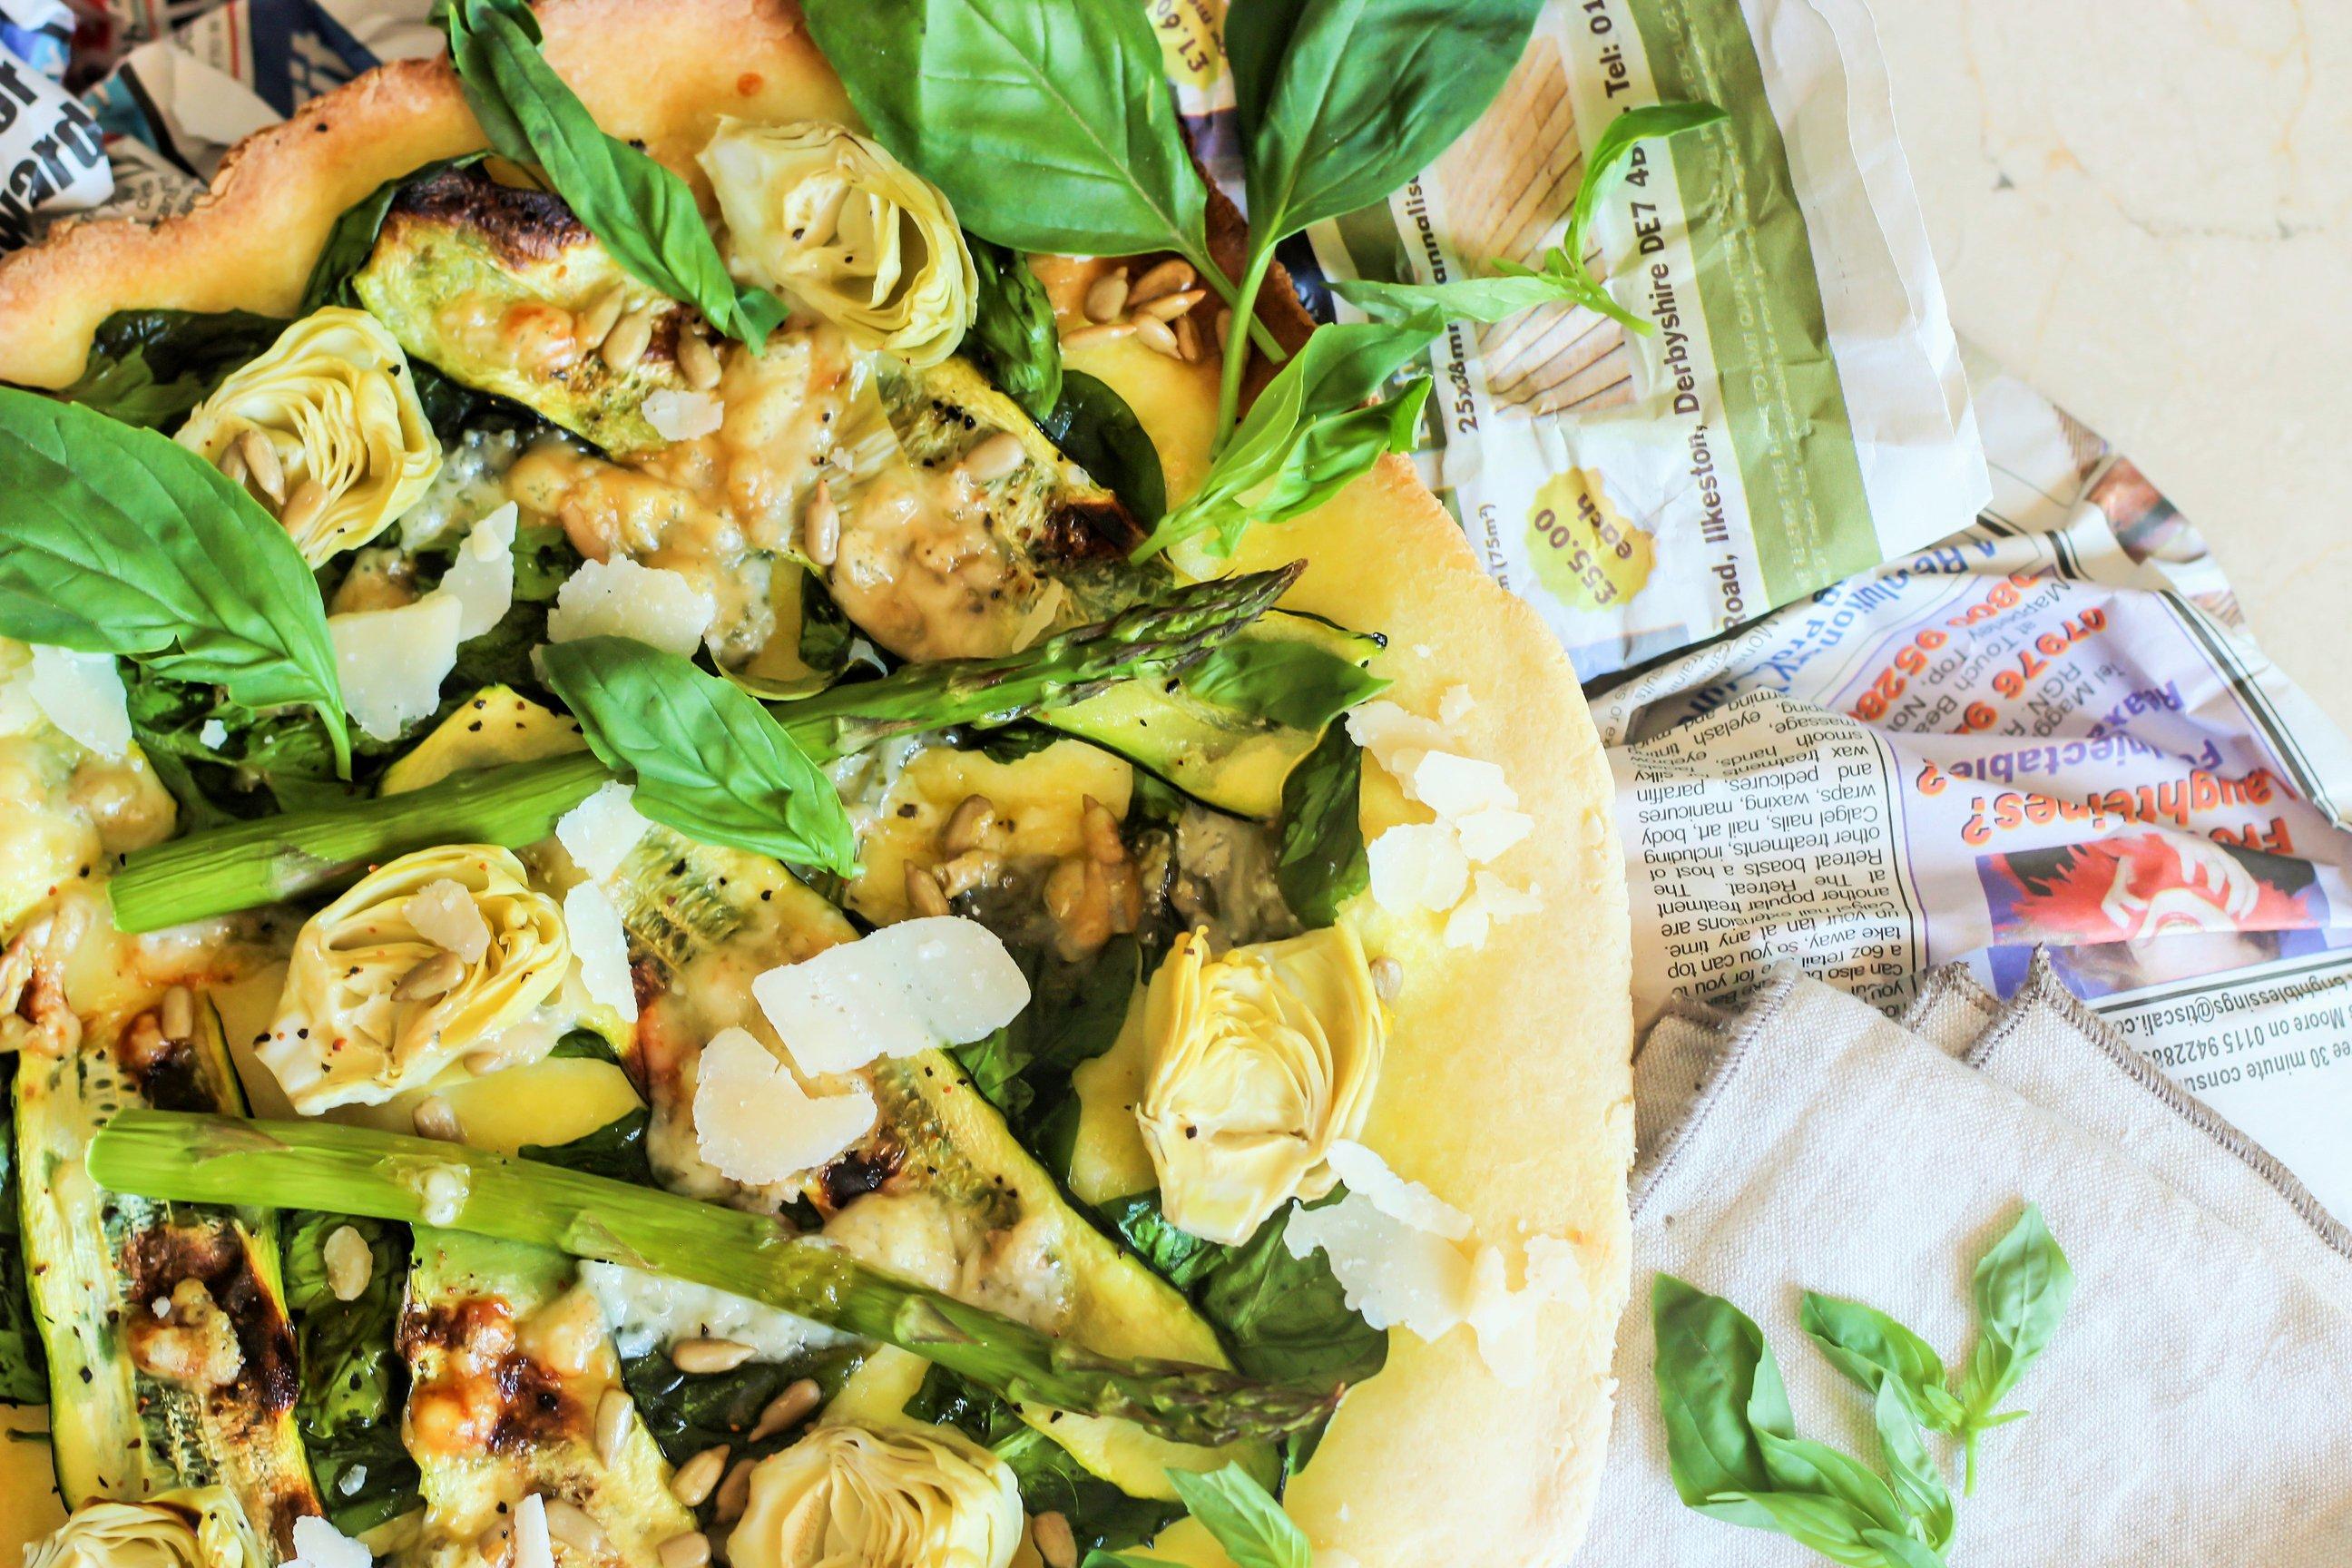 Hausgemachte Pizza mit Frischem Gemüse und Azada Olivenöl und Basilikum